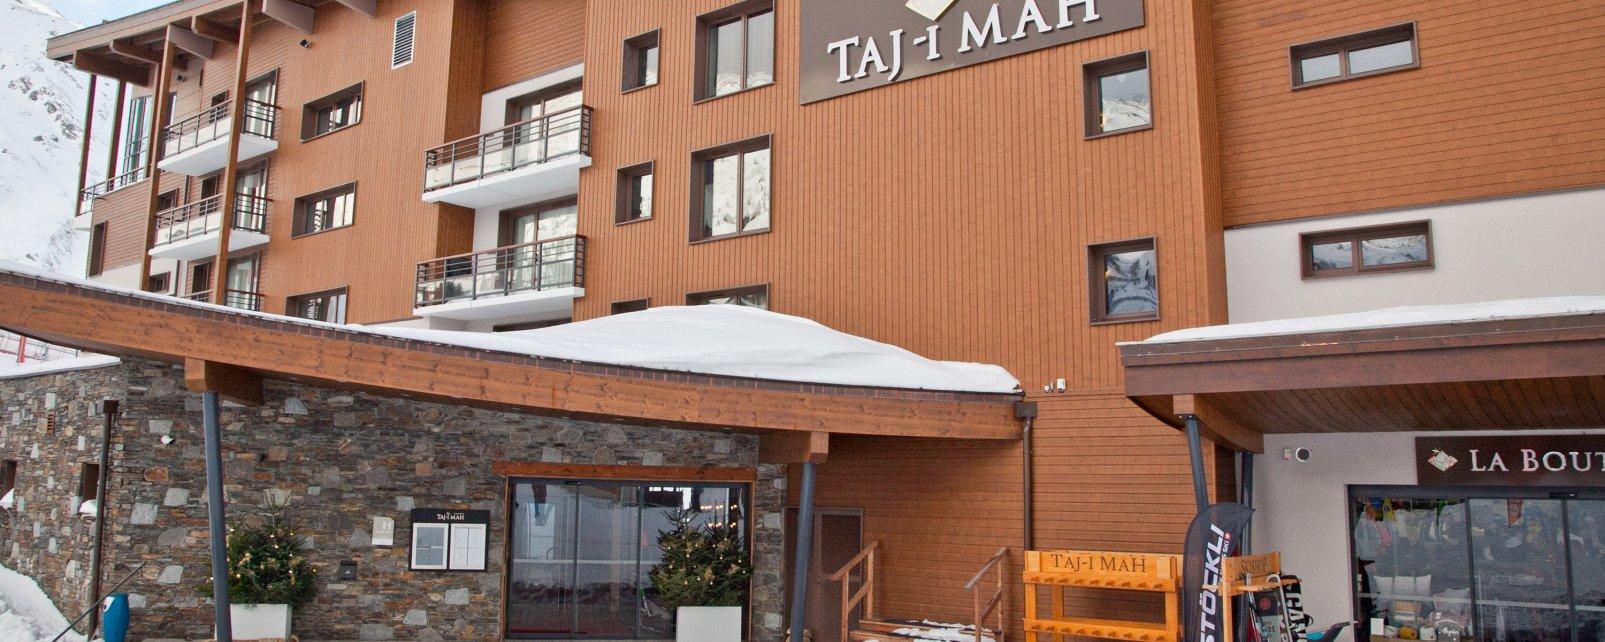 Hôtel Taj-I Mah